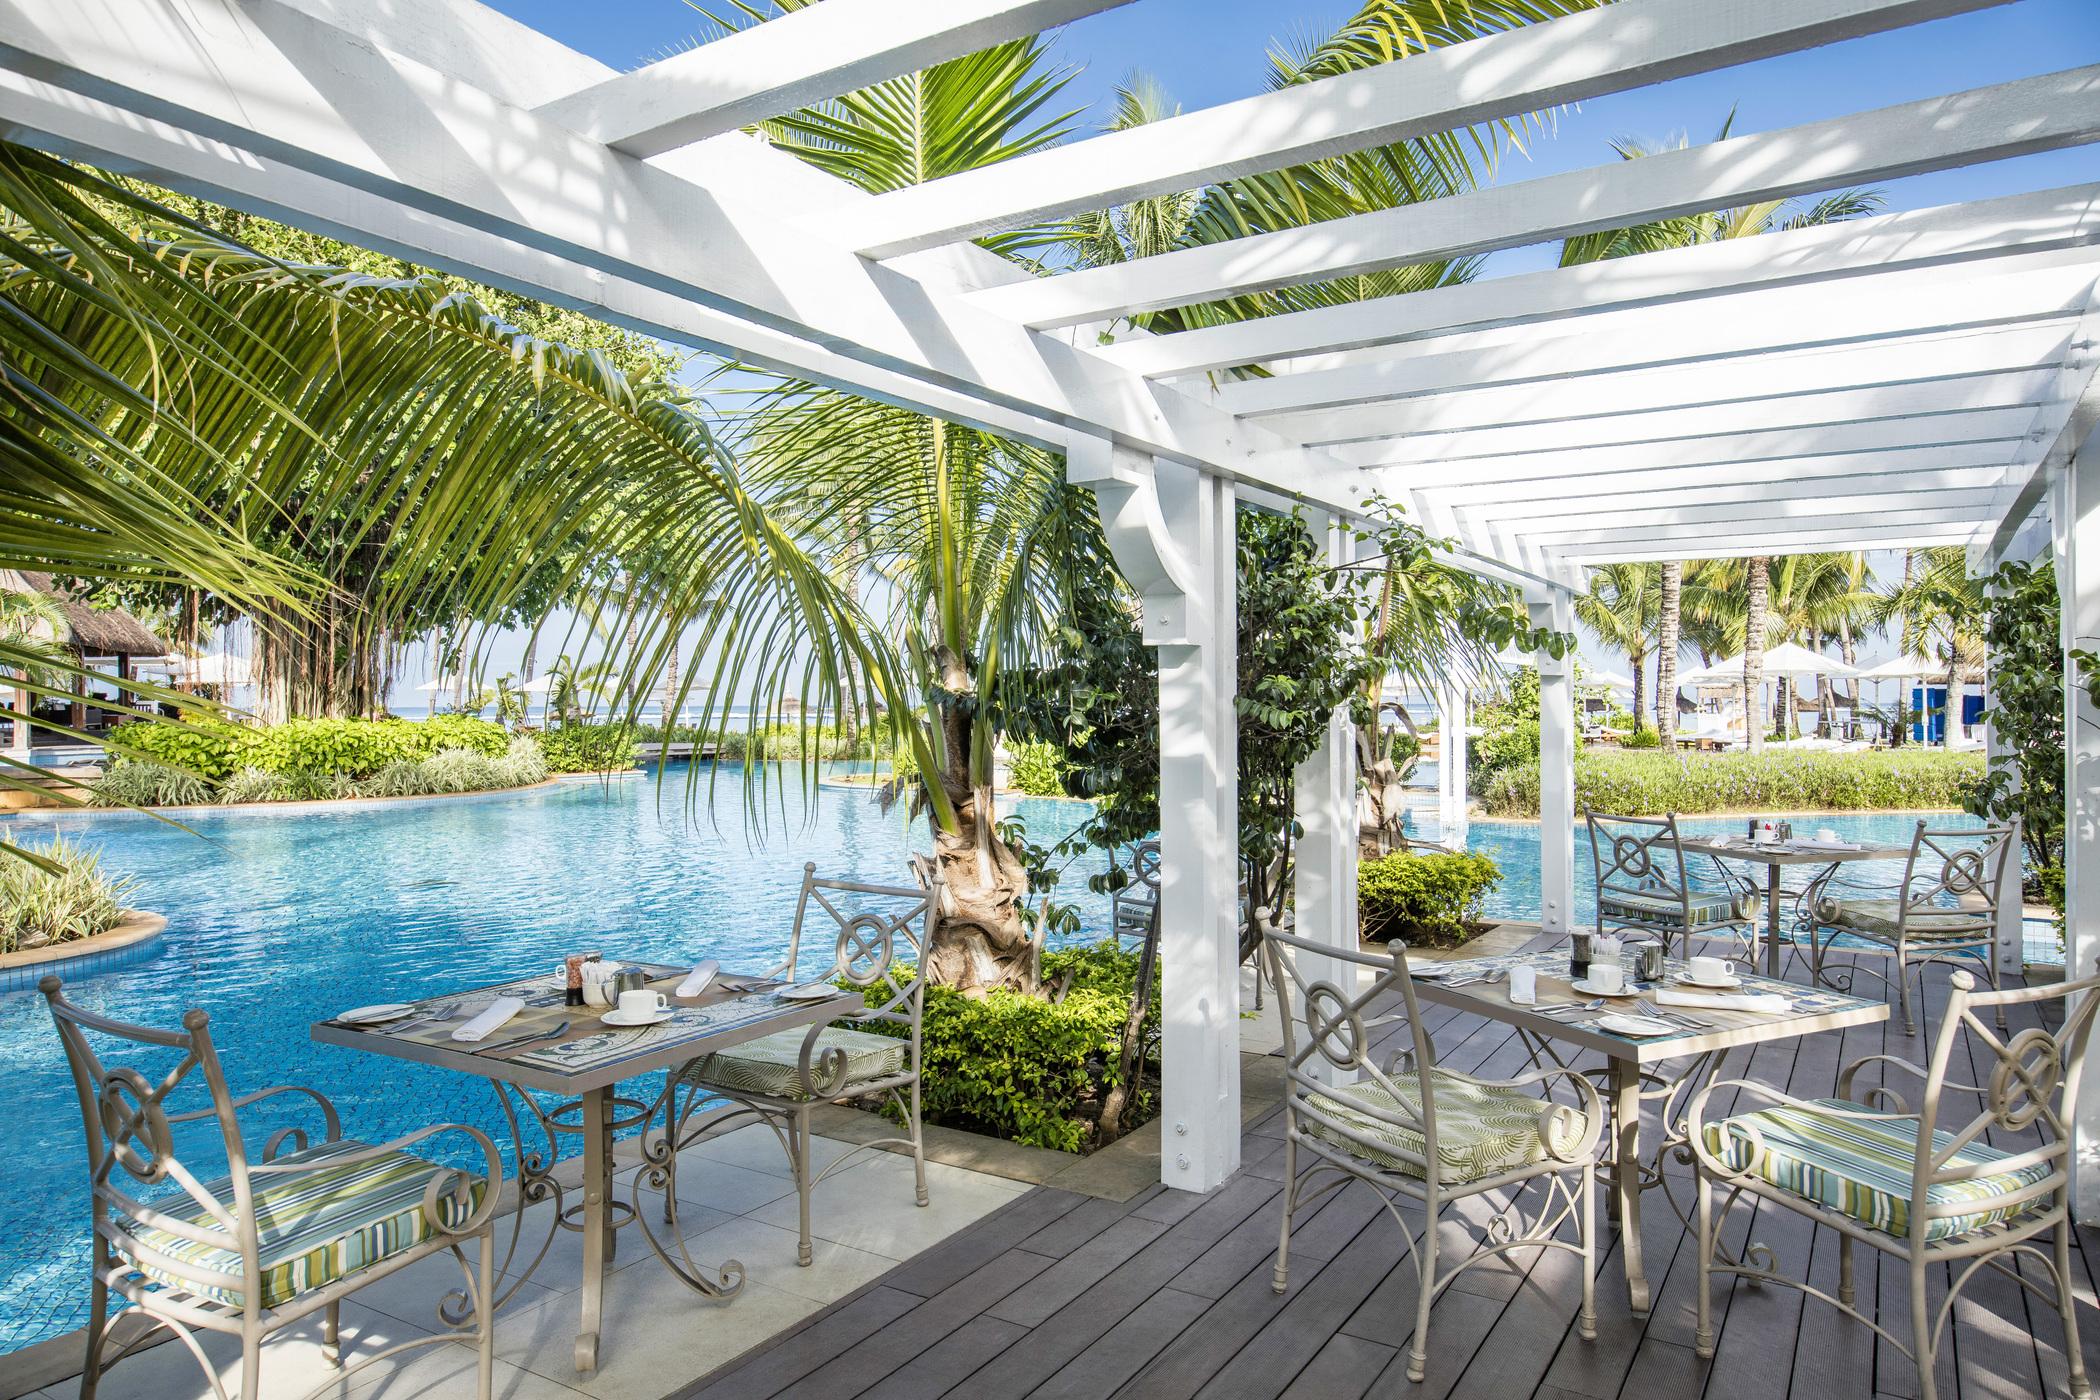 Sugar_Beach_Restaurants_Mon_Plaisir_1-2100x1400-a1261781-4814-47f8-ab95-...